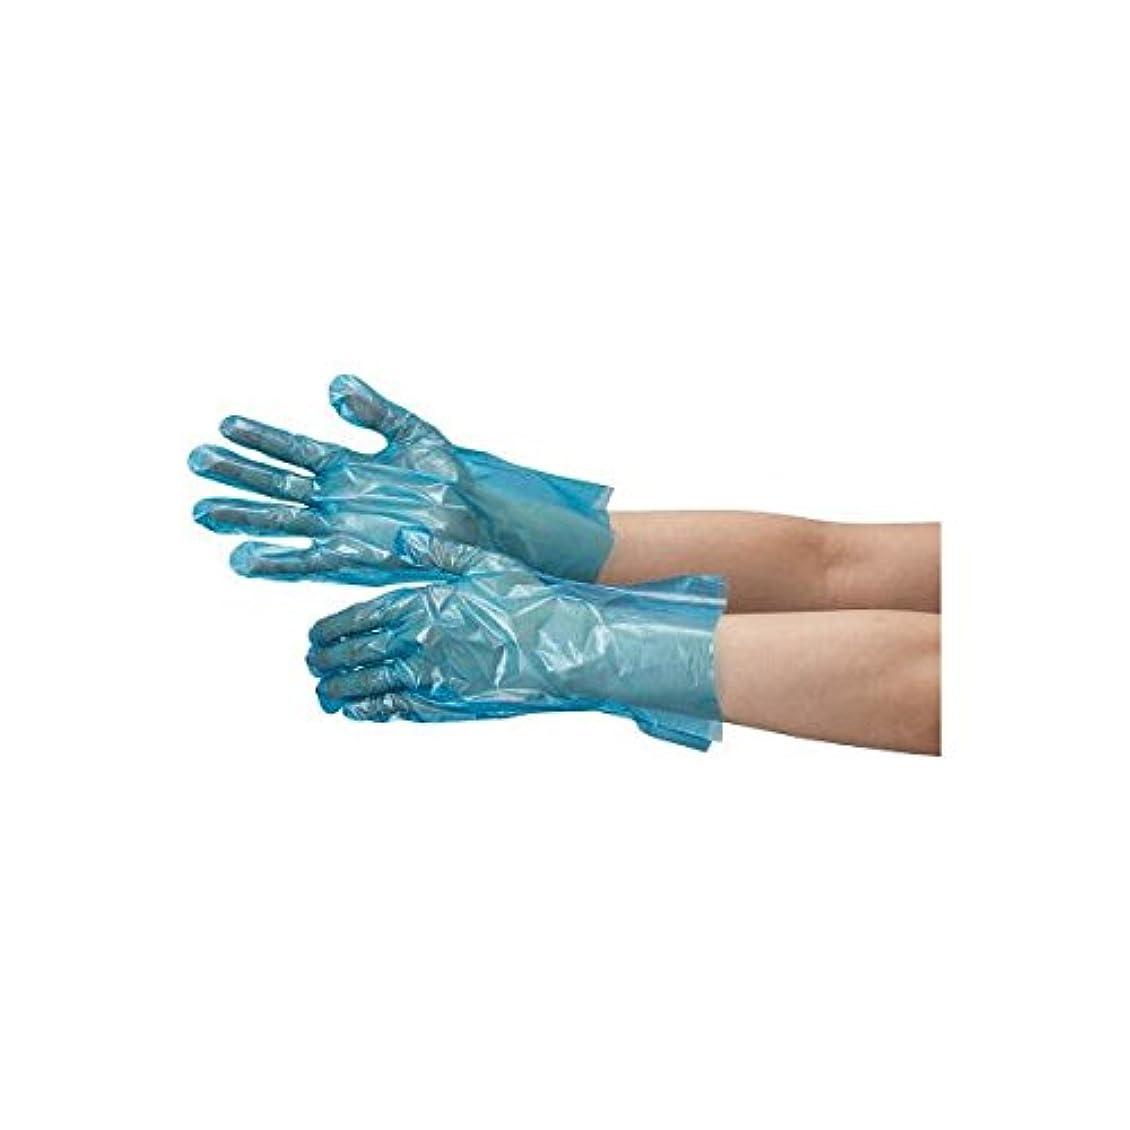 じゃないアルネそっとミドリ安全/ミドリ安全 ポリエチレン使い捨て手袋 片エンボス 200枚入 青 S(3888878) VERTE-504-S [その他]